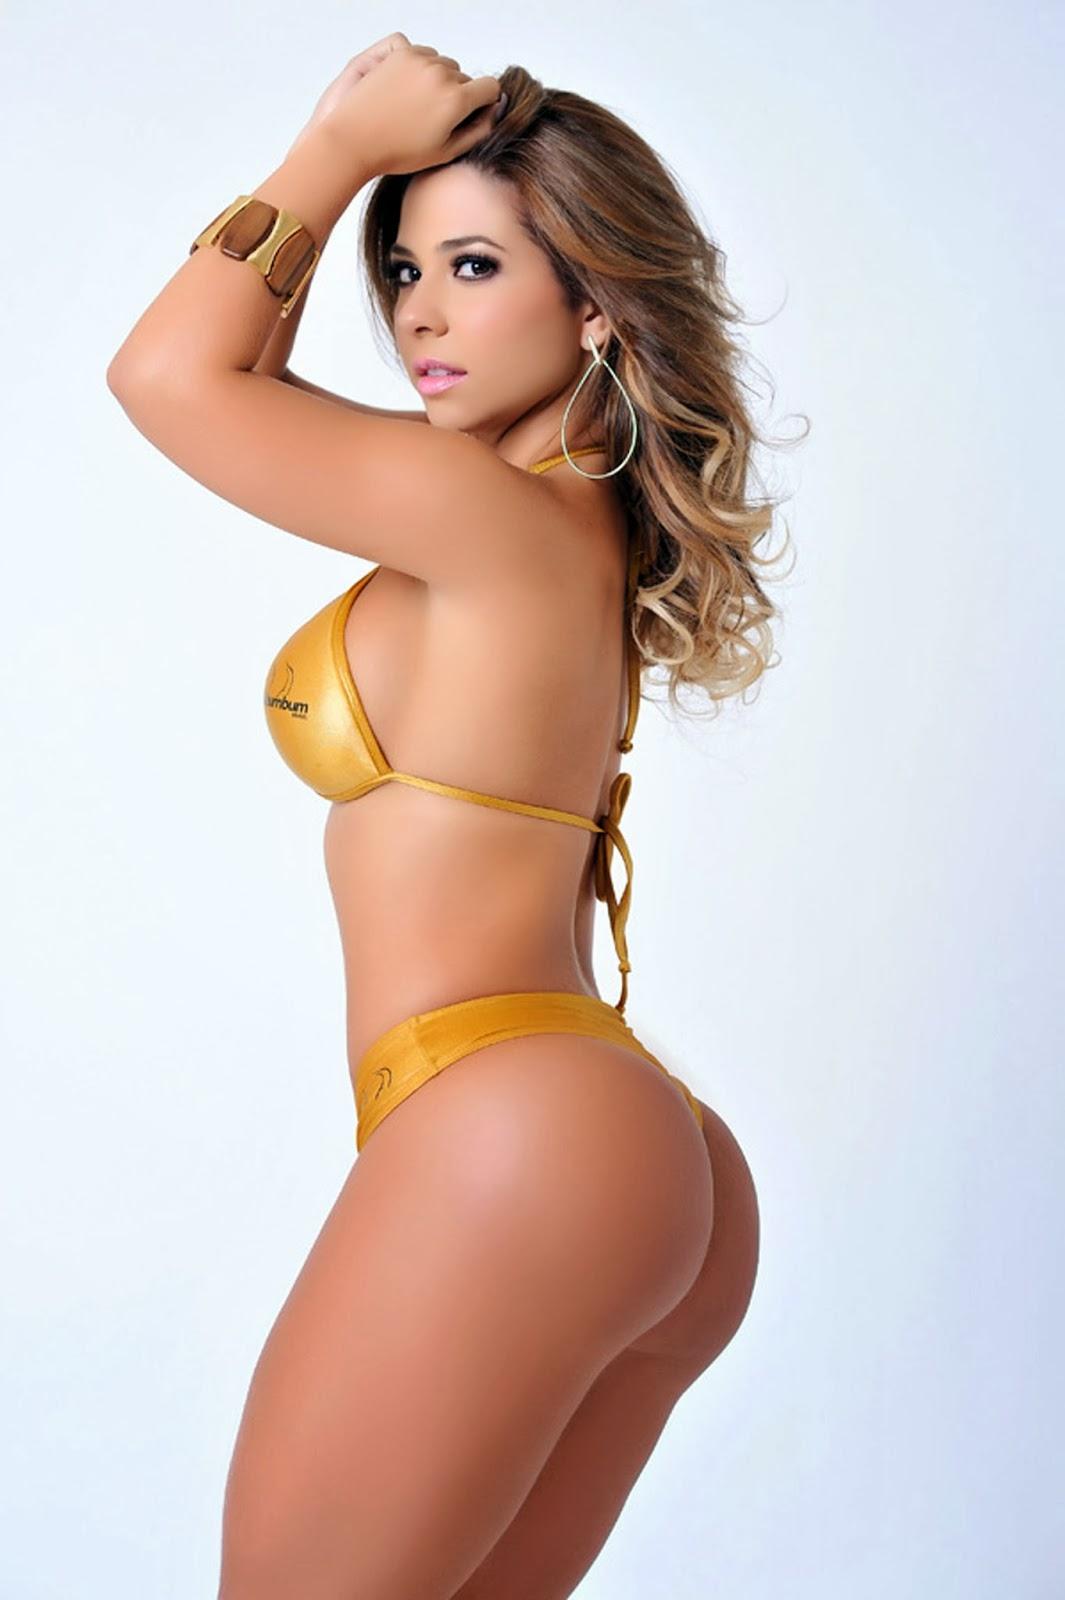 Miss Butt Brazil Candidates